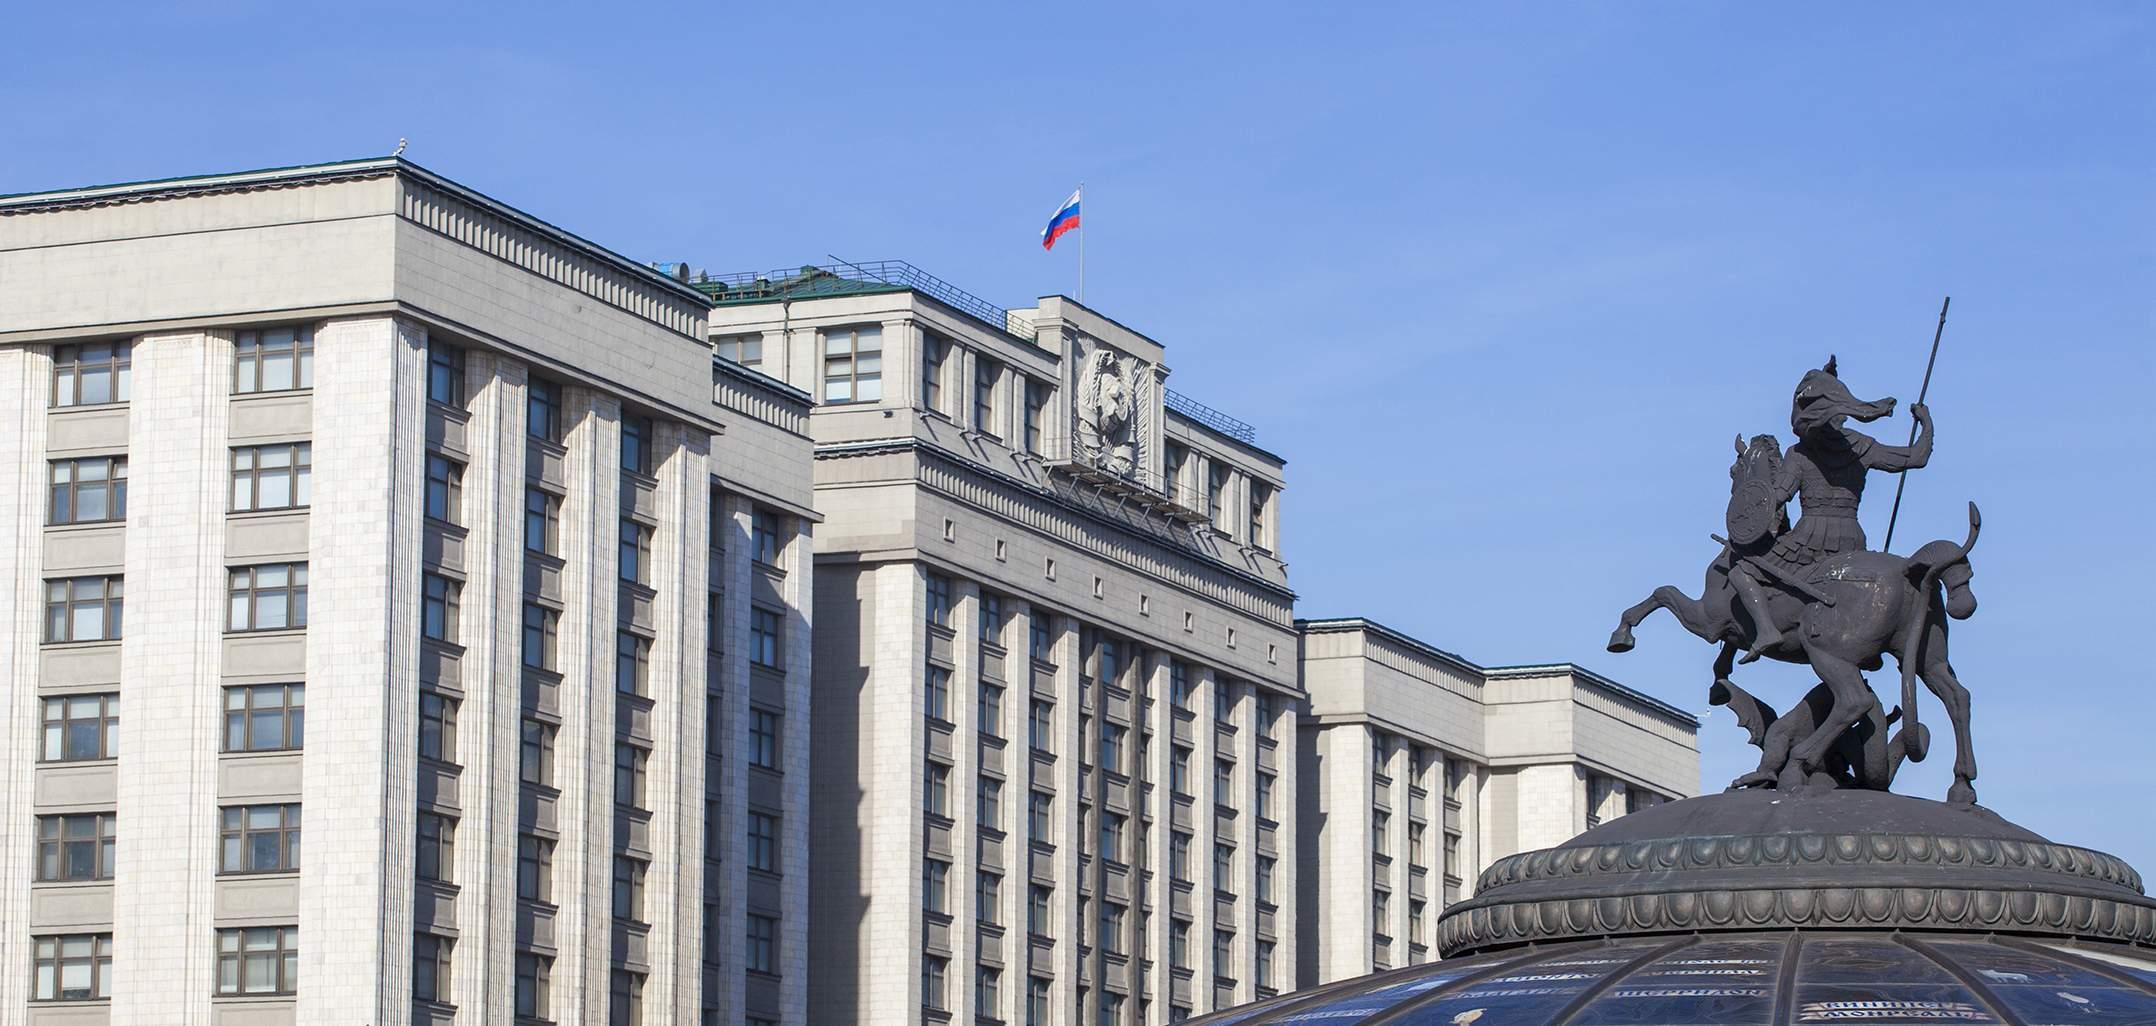 Юристы обучатся основам блокчейн-технологий, криптовалют и ICO при поддержке Госдумы РФ